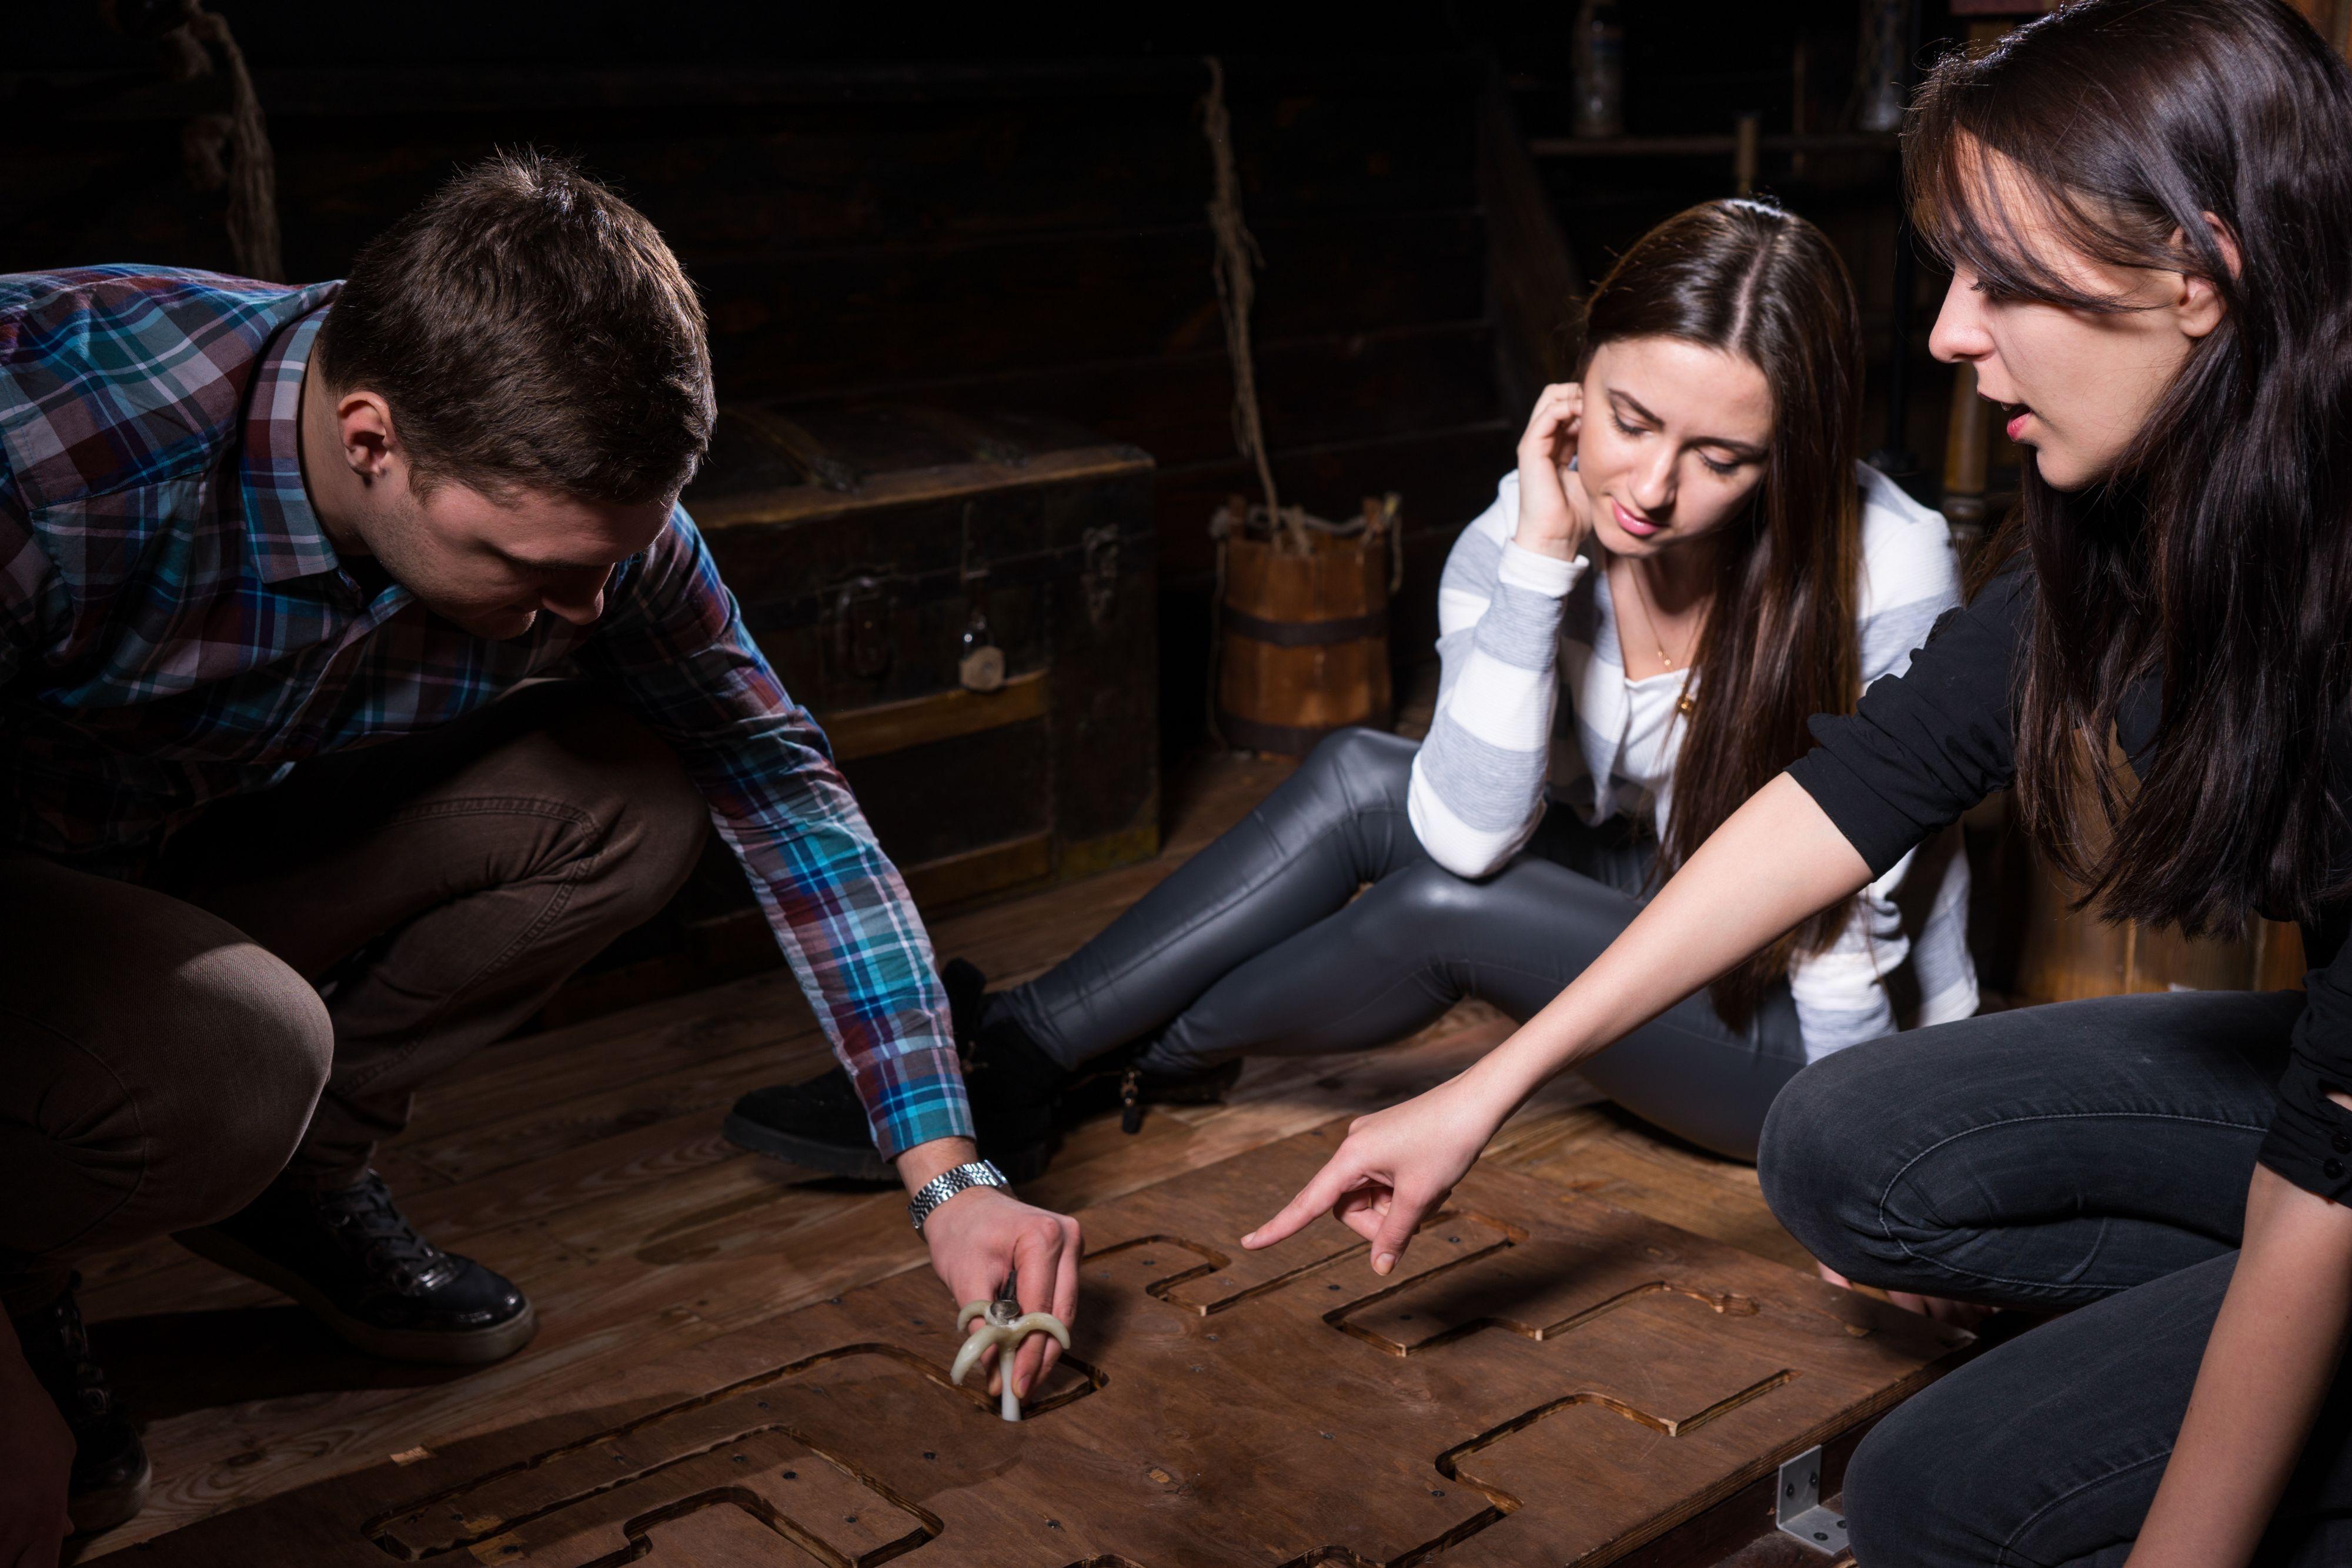 Głównym powodem, dla którego Polacy tak chętnie odwiedzają pokoje zagadek jest dobra zabawa. (Fot. Shutterstock)